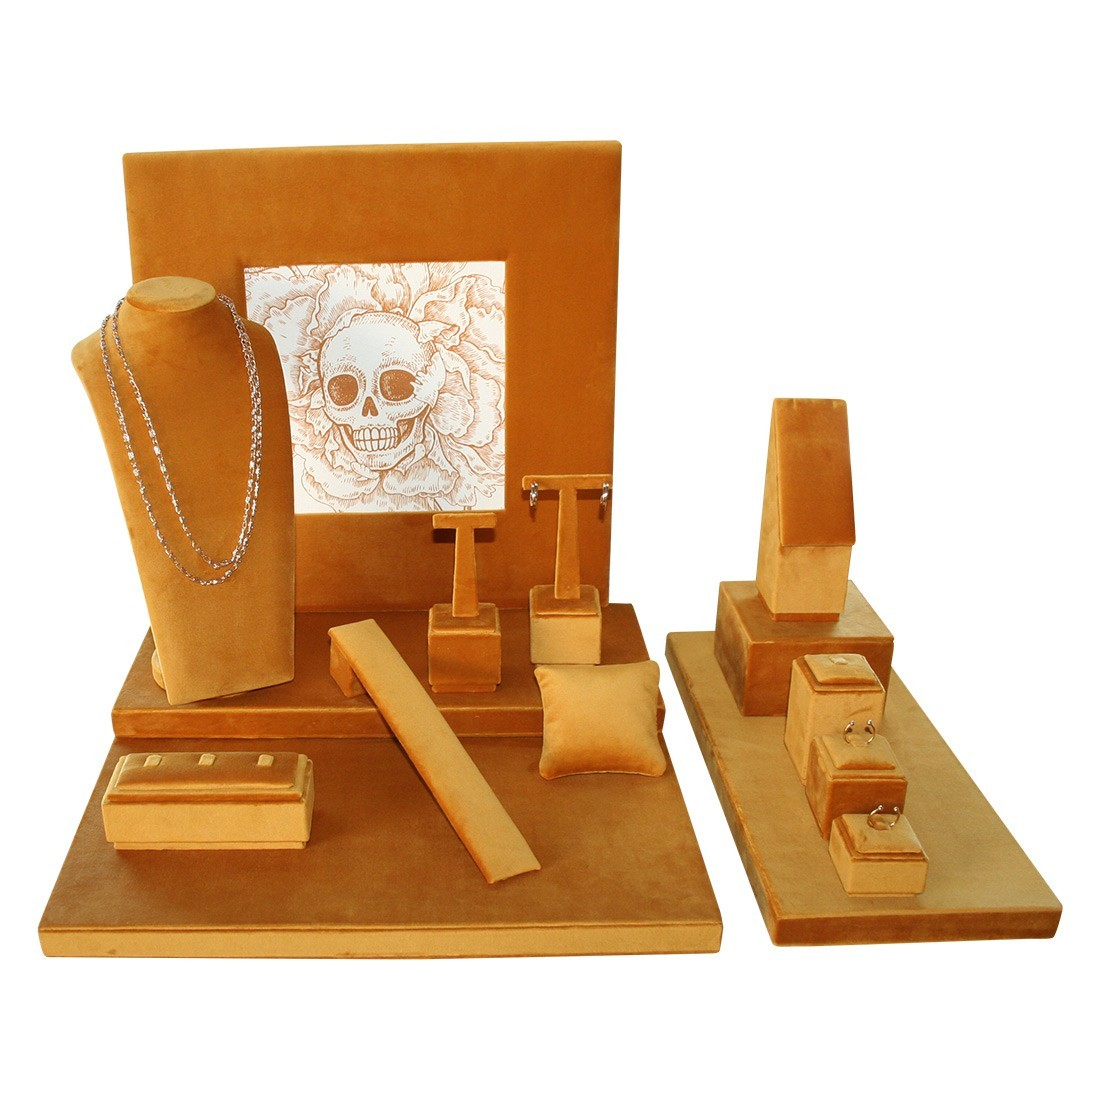 Modern jewelry display set, skrull velvet luxe